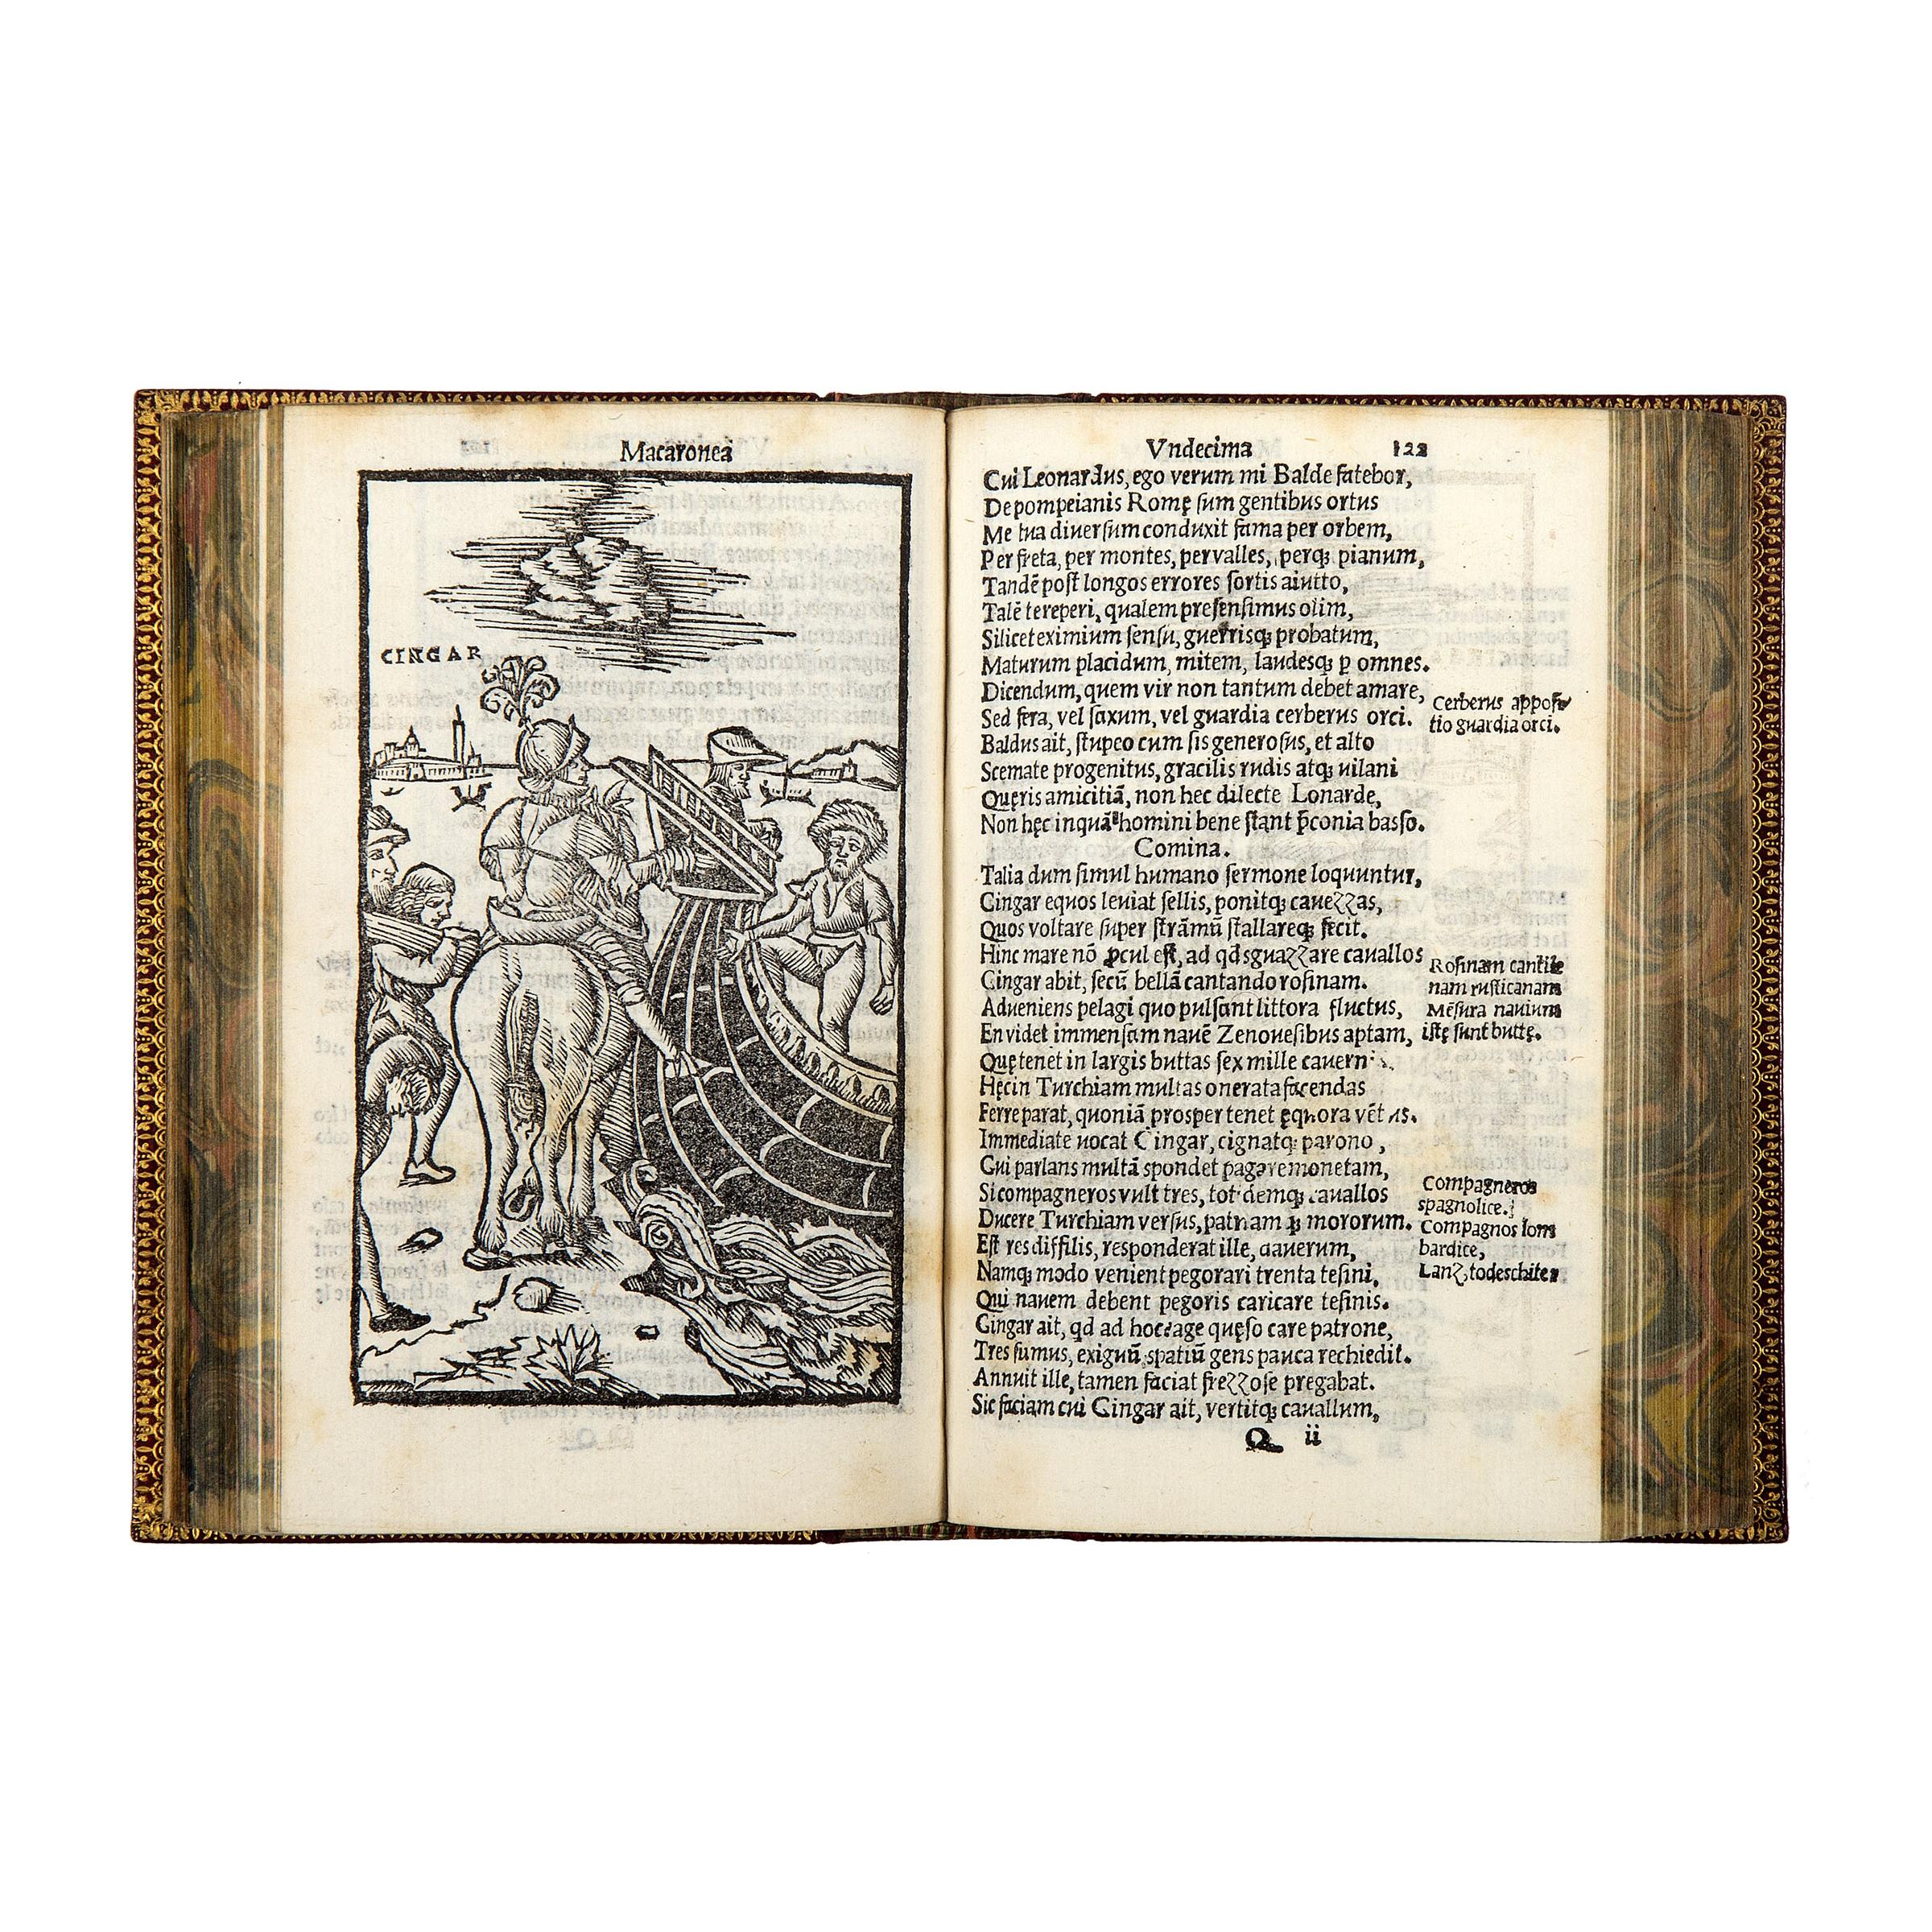 Folegno 1521 resized.jpg